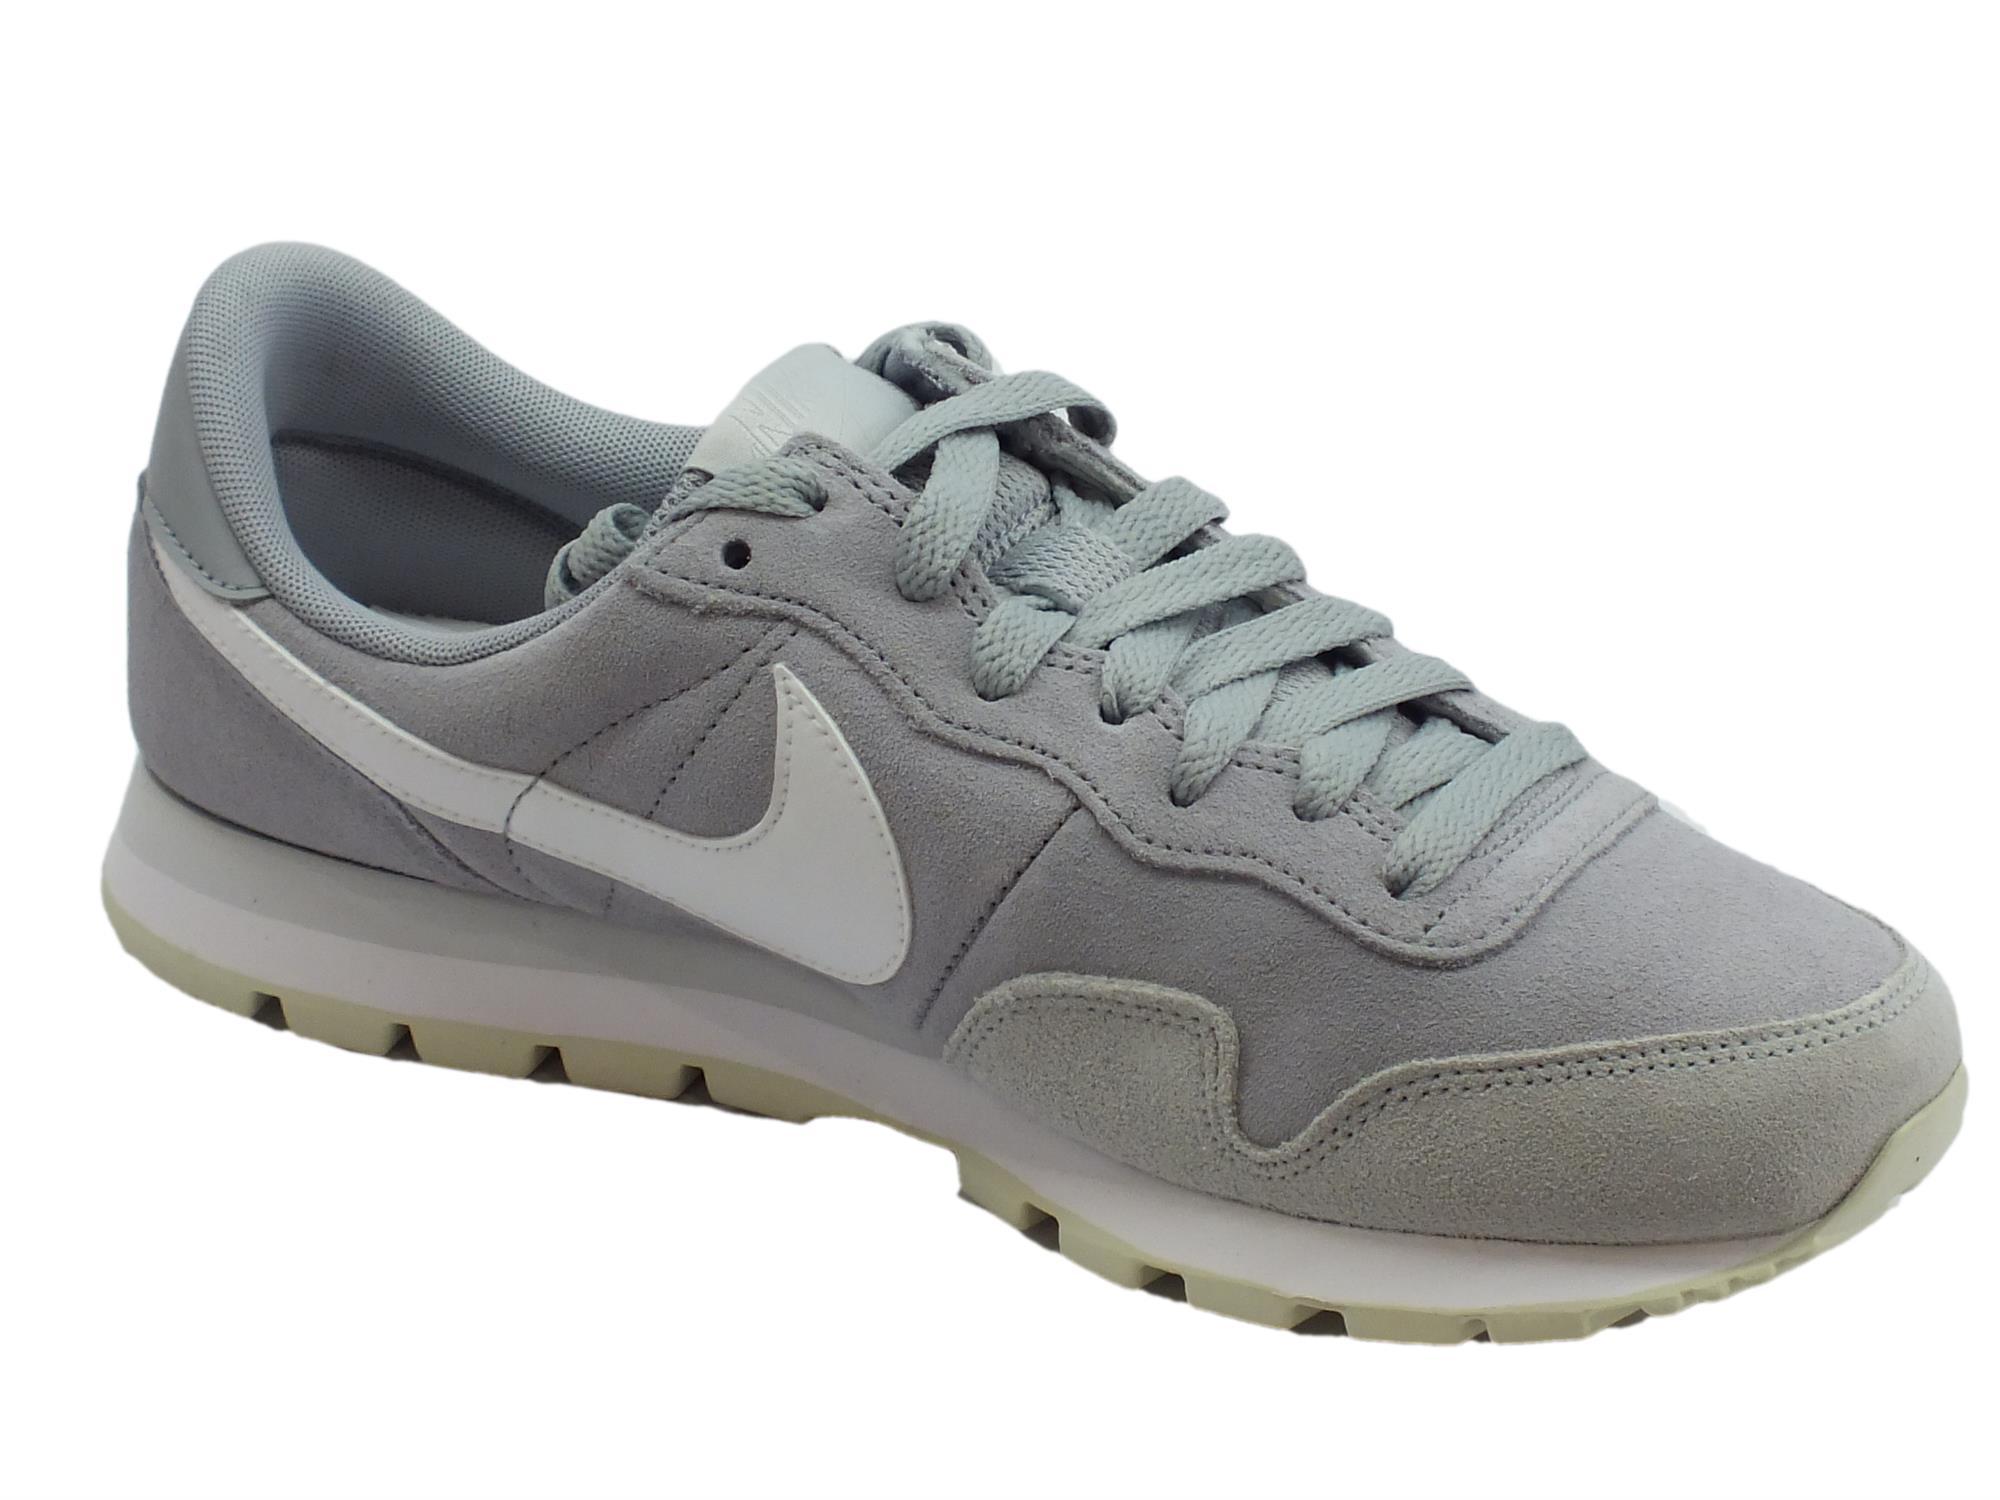 Scarpe sportive uomo Nike air pegasus camoscio grigio - Vitiello ... 53a86f873b6